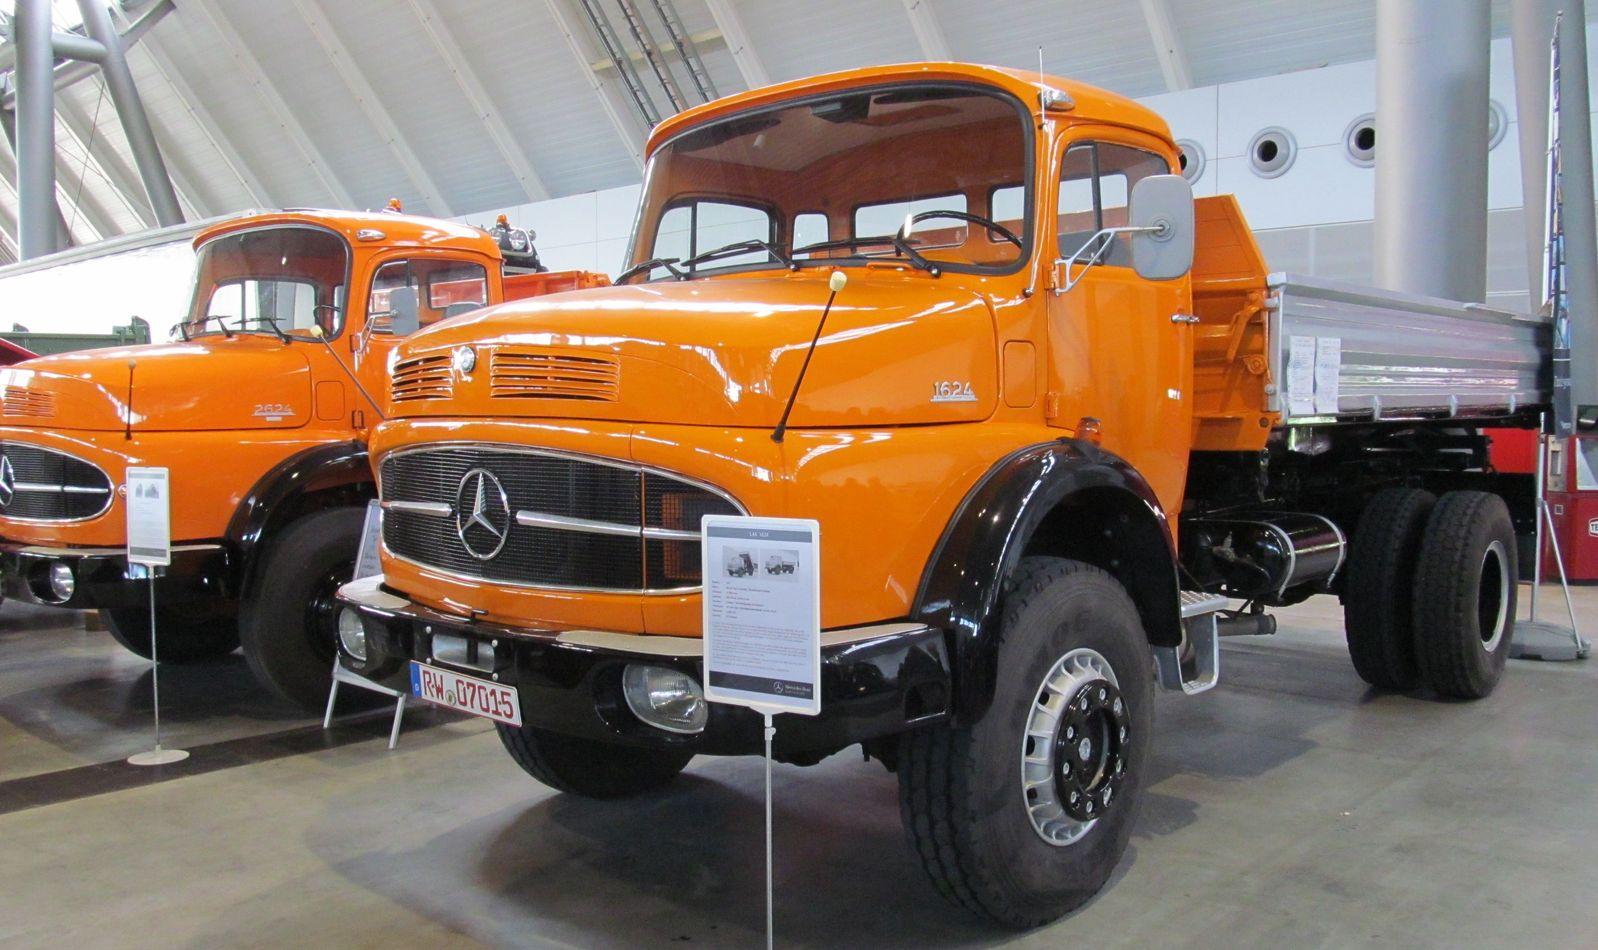 Mercedes Benz Trucks 1624 2624 Deutschland Retro